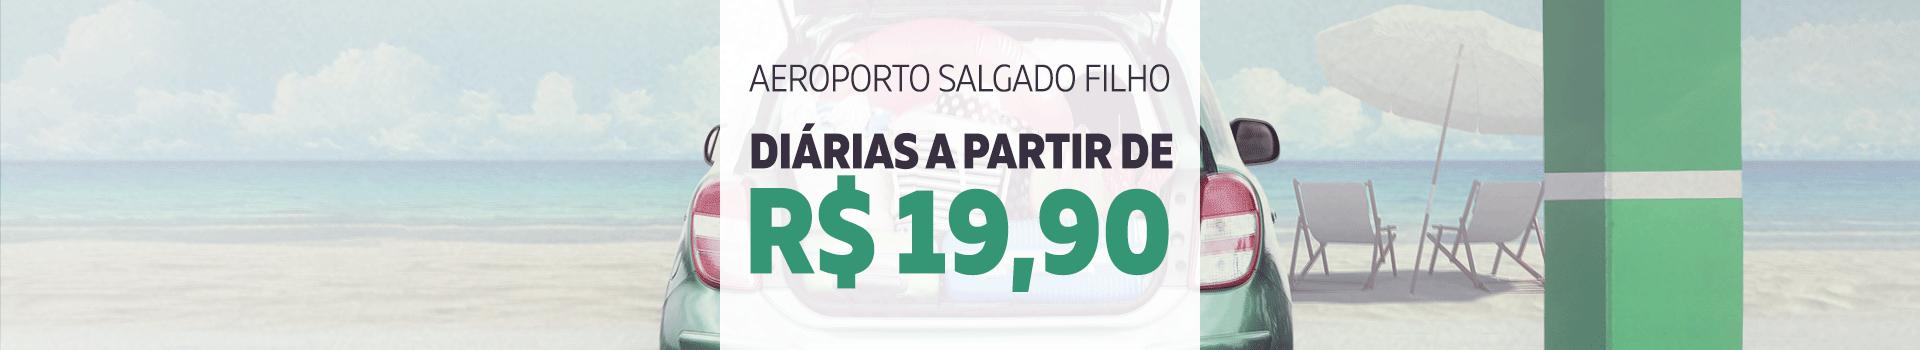 Diárias a partir de R$19,90 no estacionamento oficial do Aeroporto Salgado Filho em Porto Alegre.